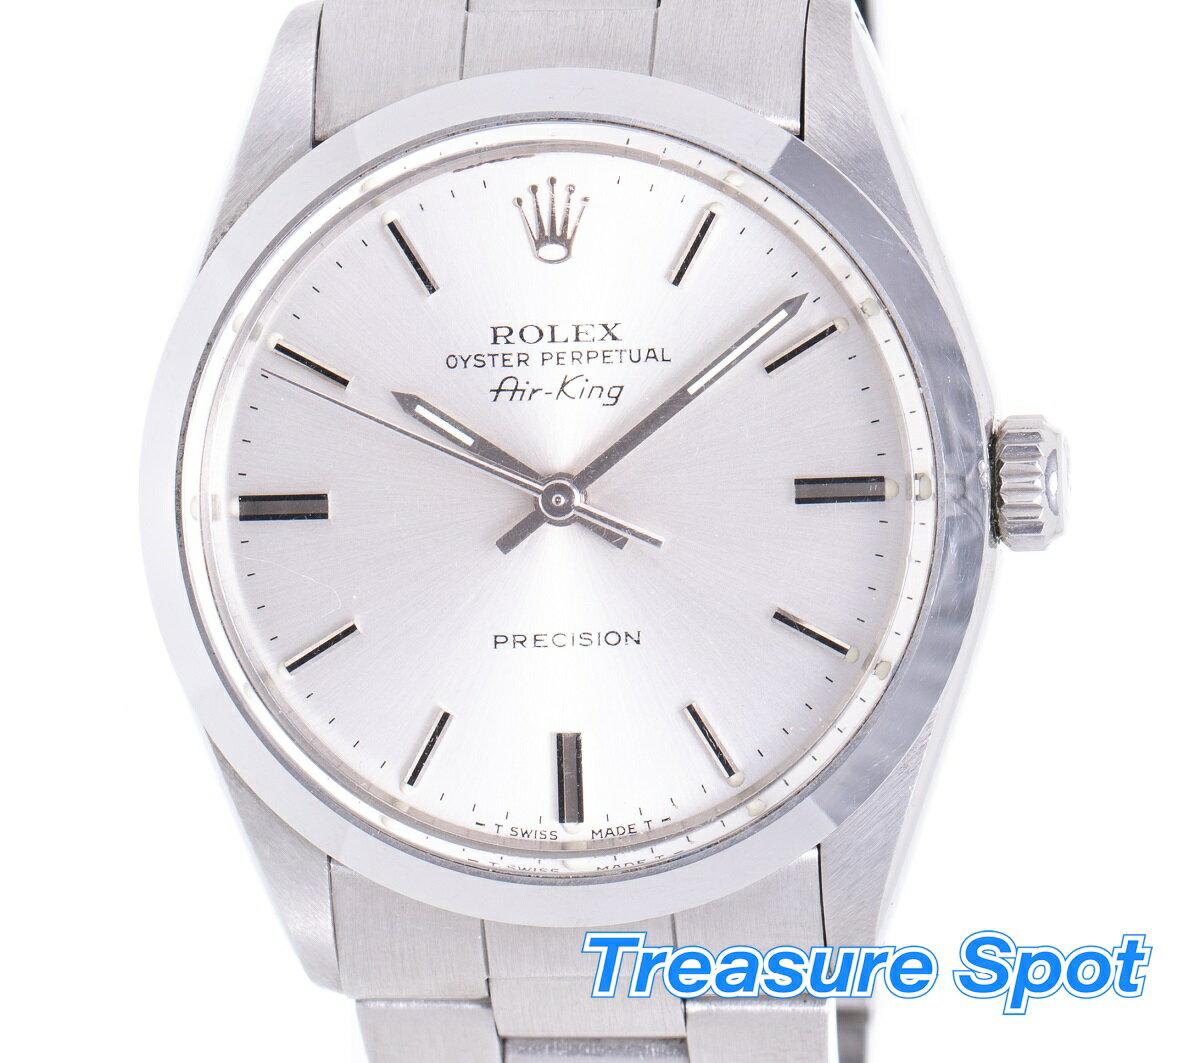 ロレックス ROLEX エアキング 5500 1989年 メンズ 腕時計 送料無料 【トレジャースポット】【中古】